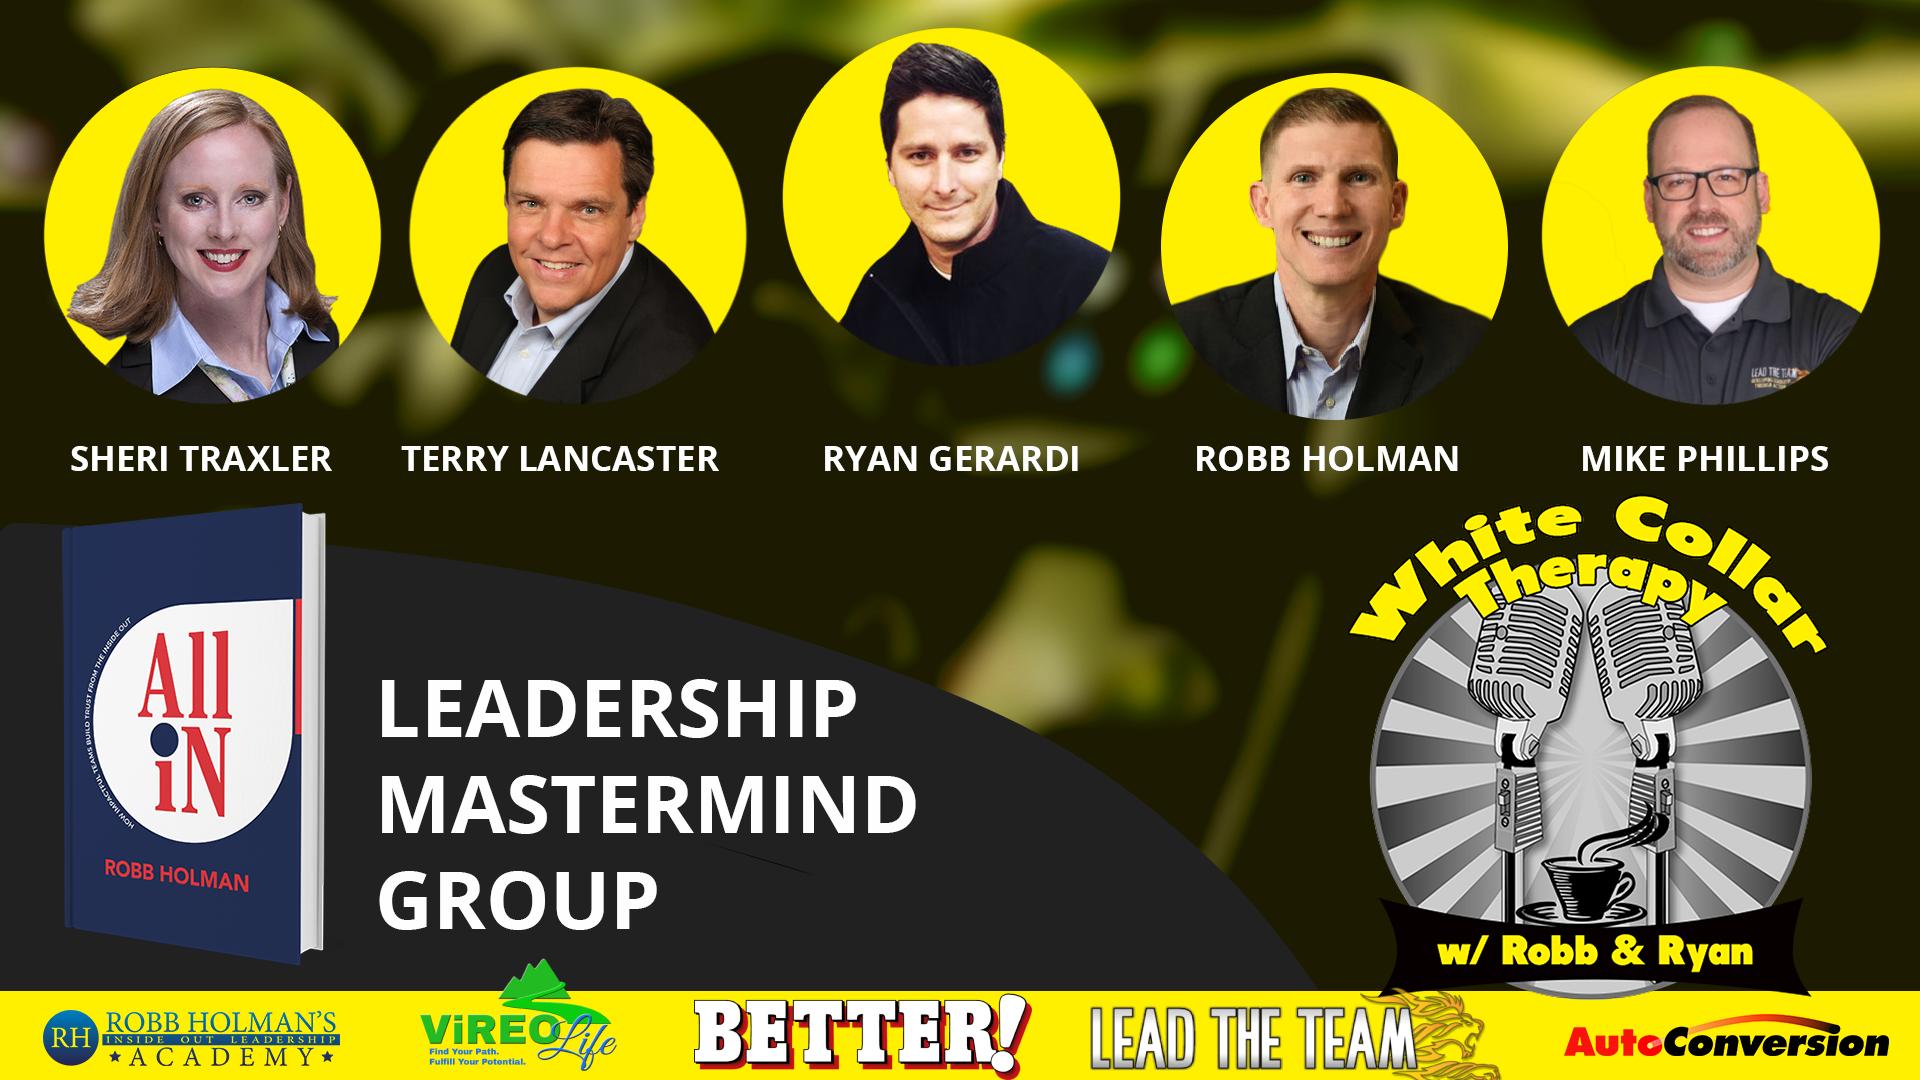 AutoConversion Leadership Mastermind Group